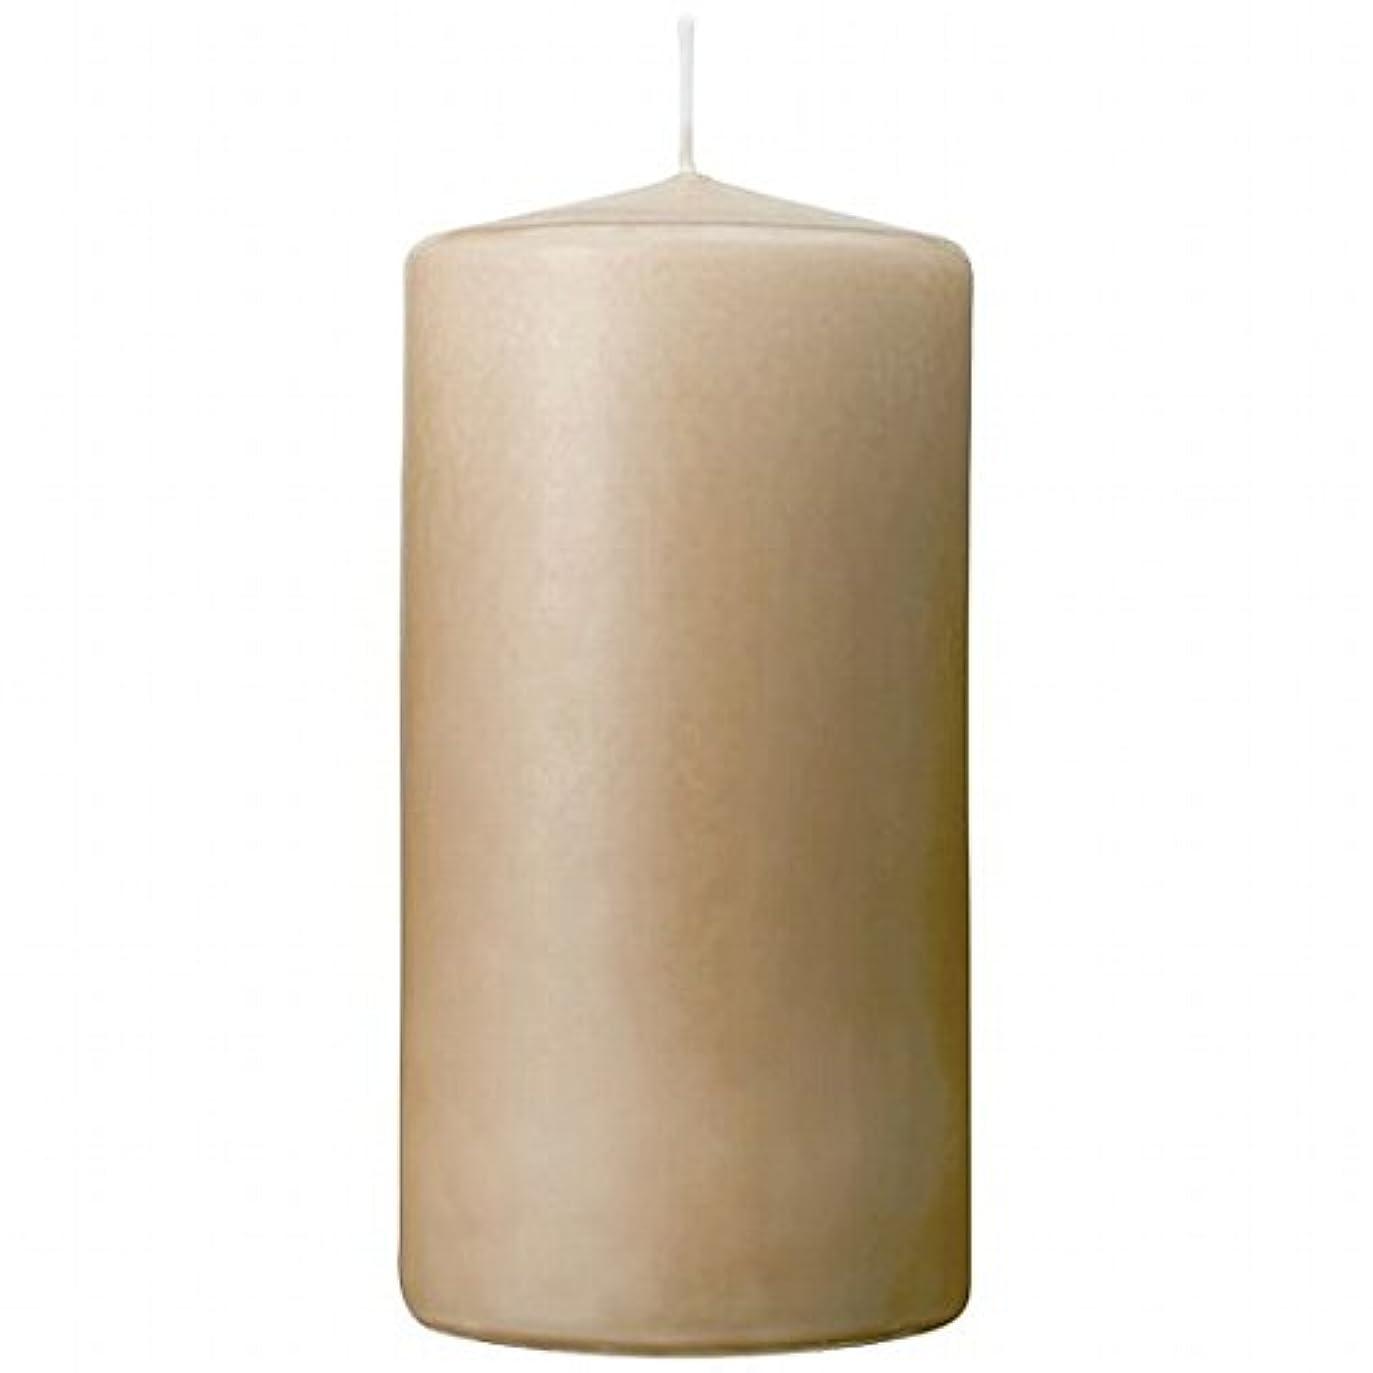 エトナ山誠実お酒カメヤマキャンドル(kameyama candle) 3×6ベルトップピラーキャンドル 「 ベージュ 」